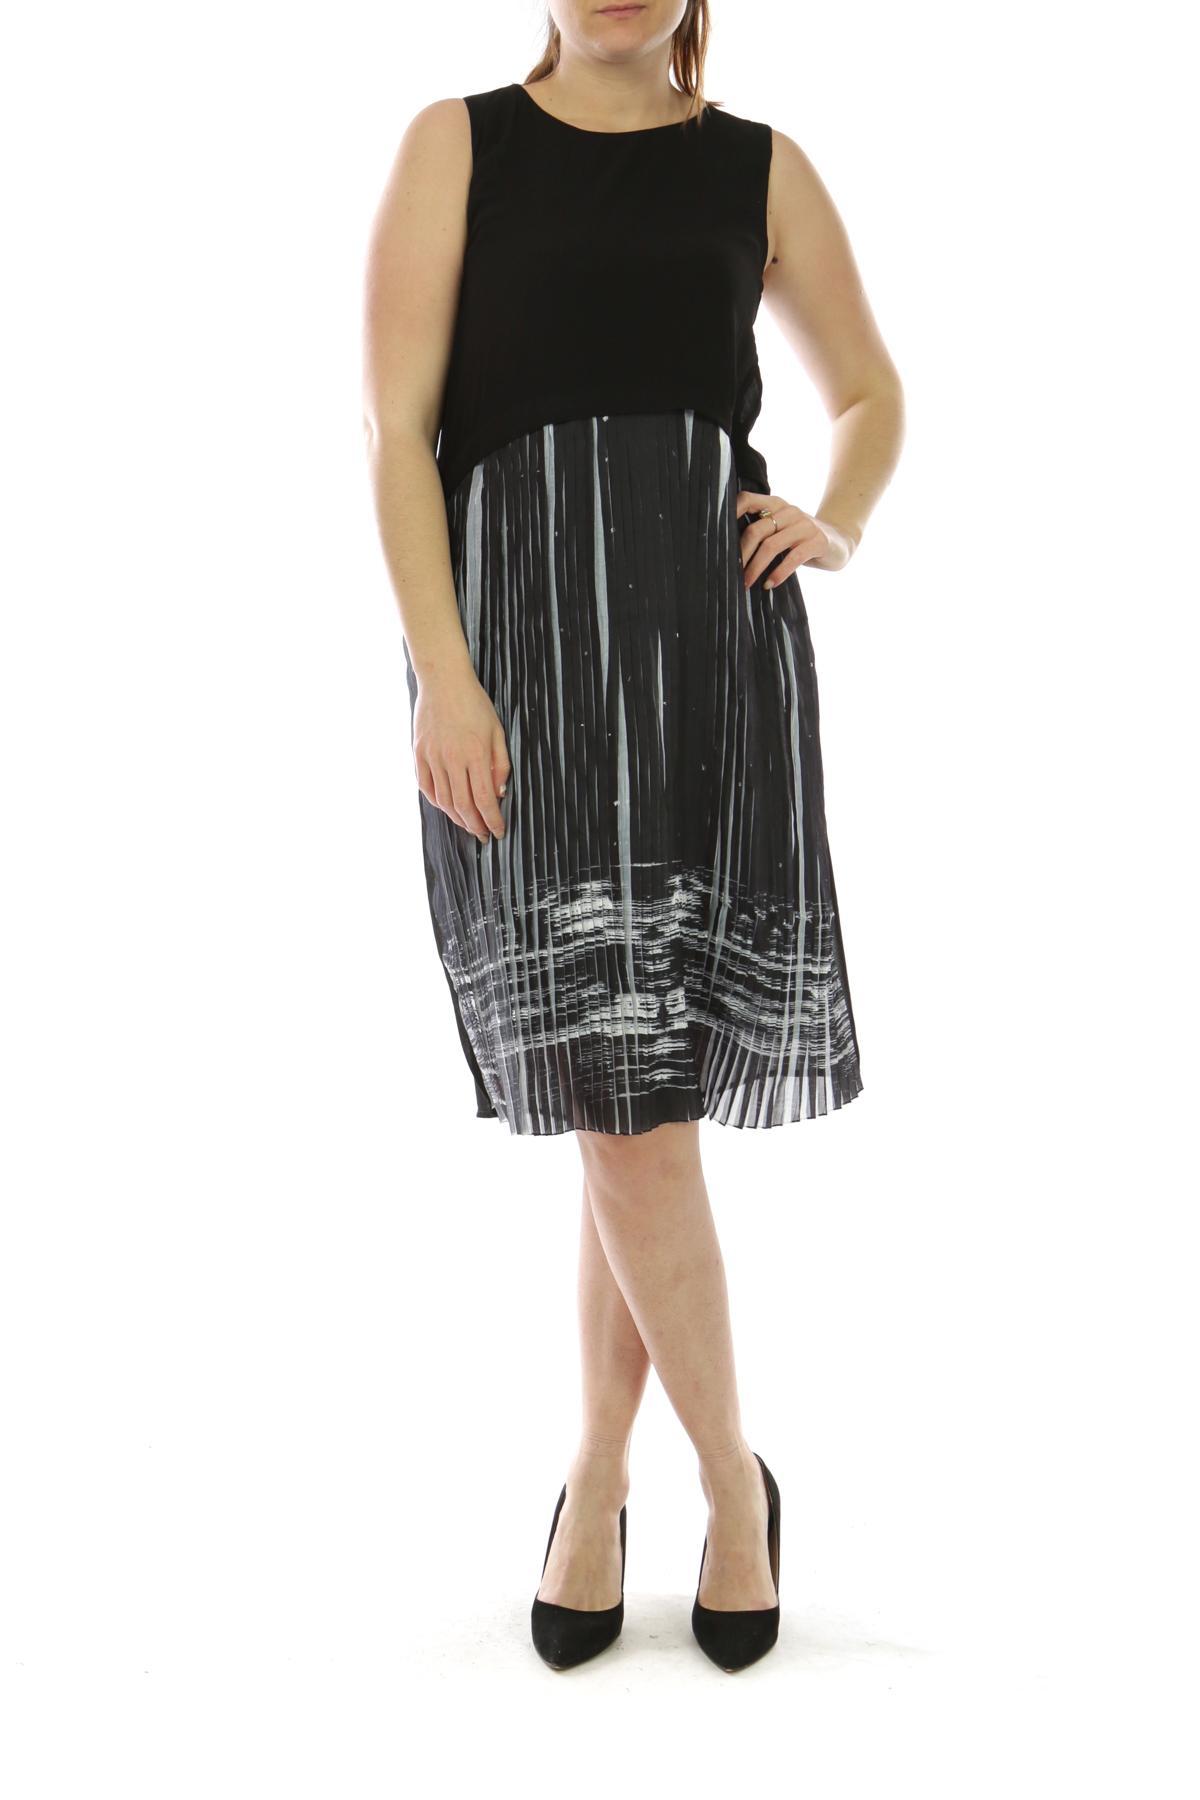 Robes Femme Noir C FAIT POUR VOUS Y5143 #c eFashion Paris